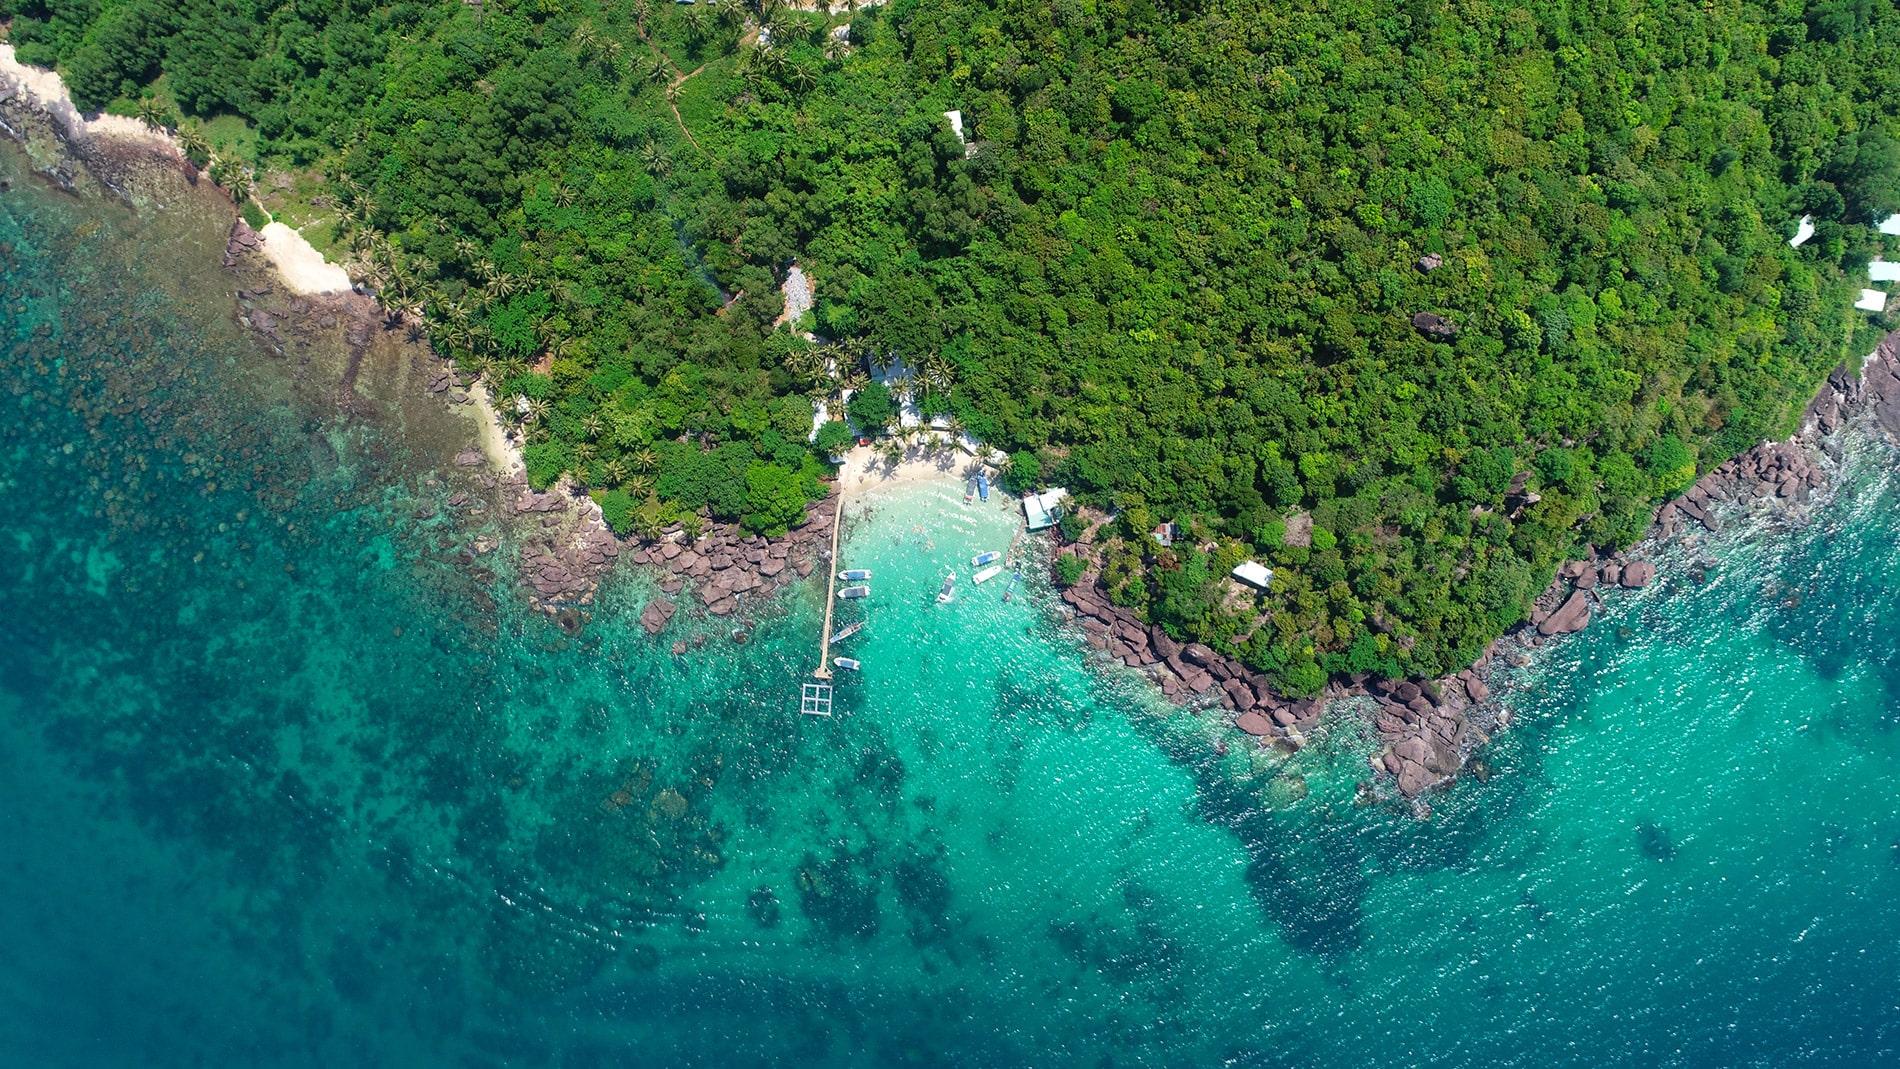 Une vue du ciel sur une île paradisiaque eau turquoise Page d